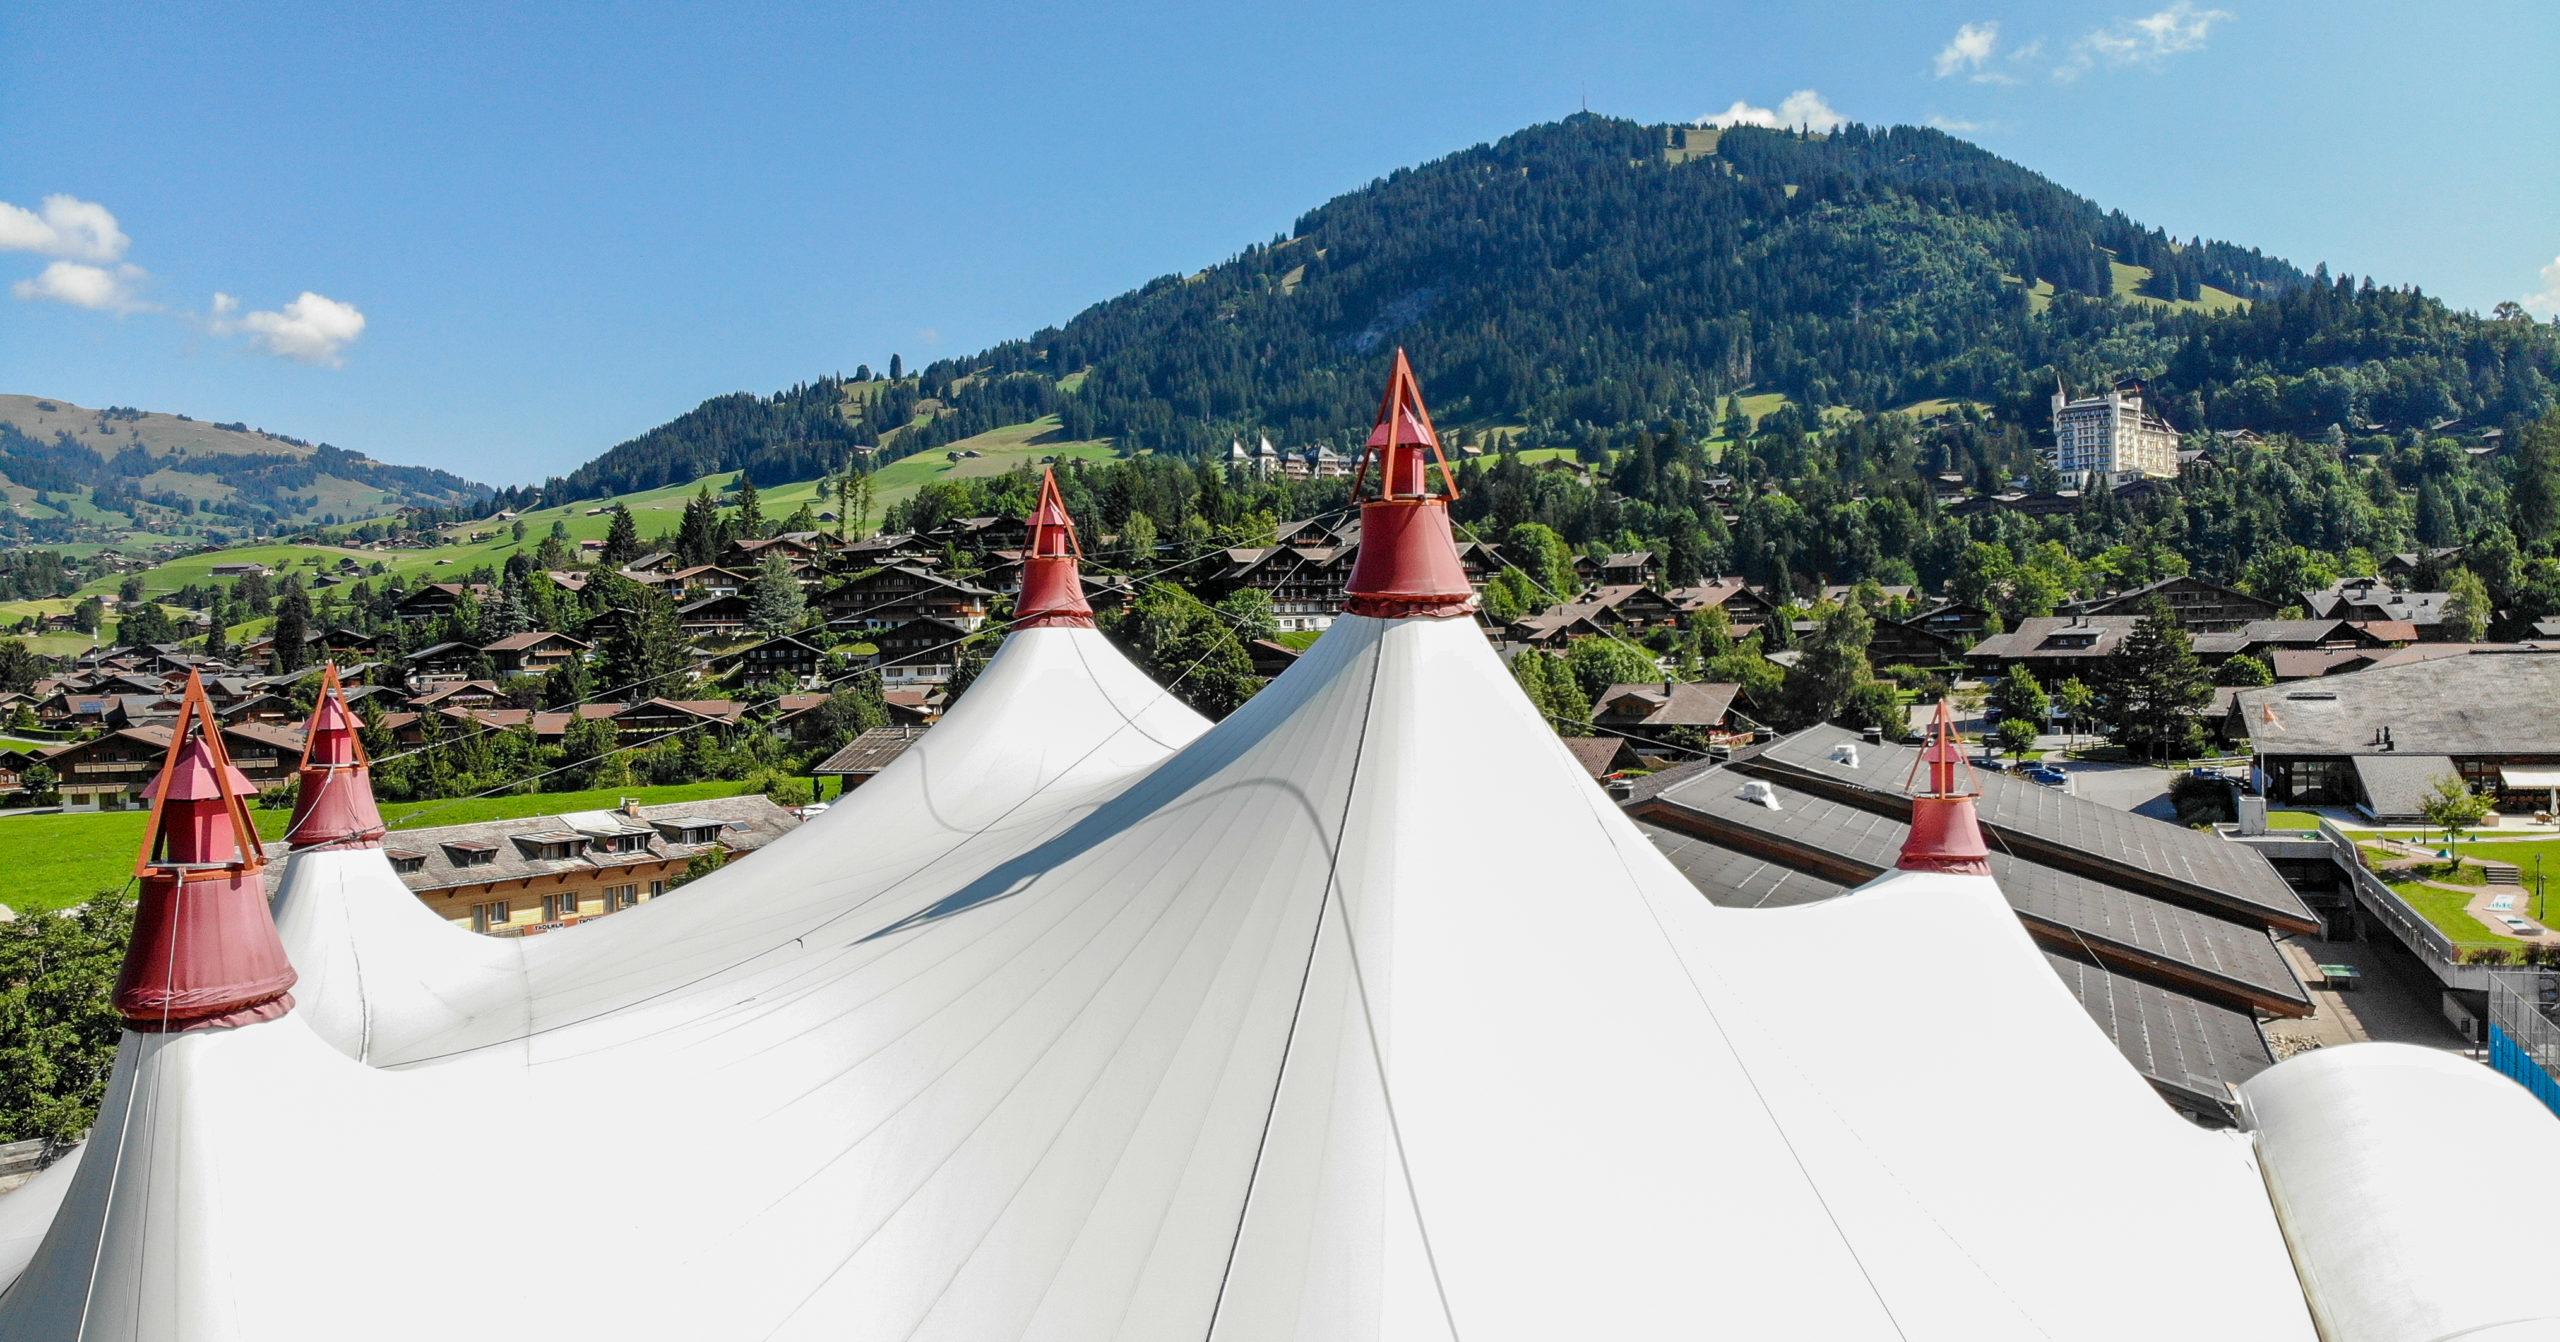 Festivalzelt Gstaad